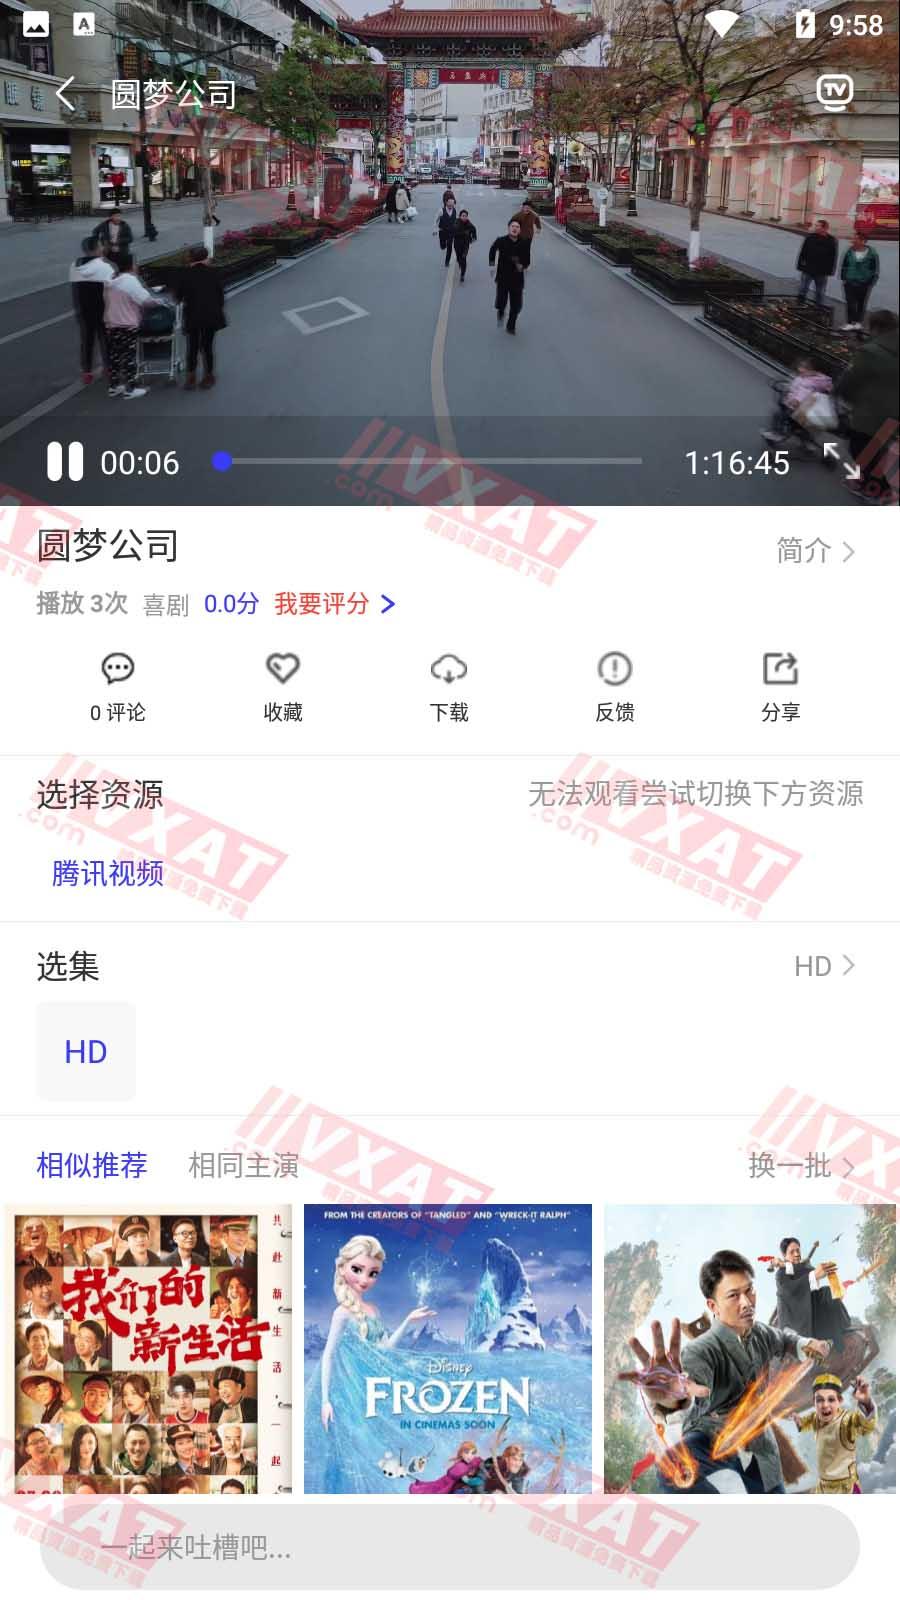 初心影视 v4.2.0 安卓版 第2张